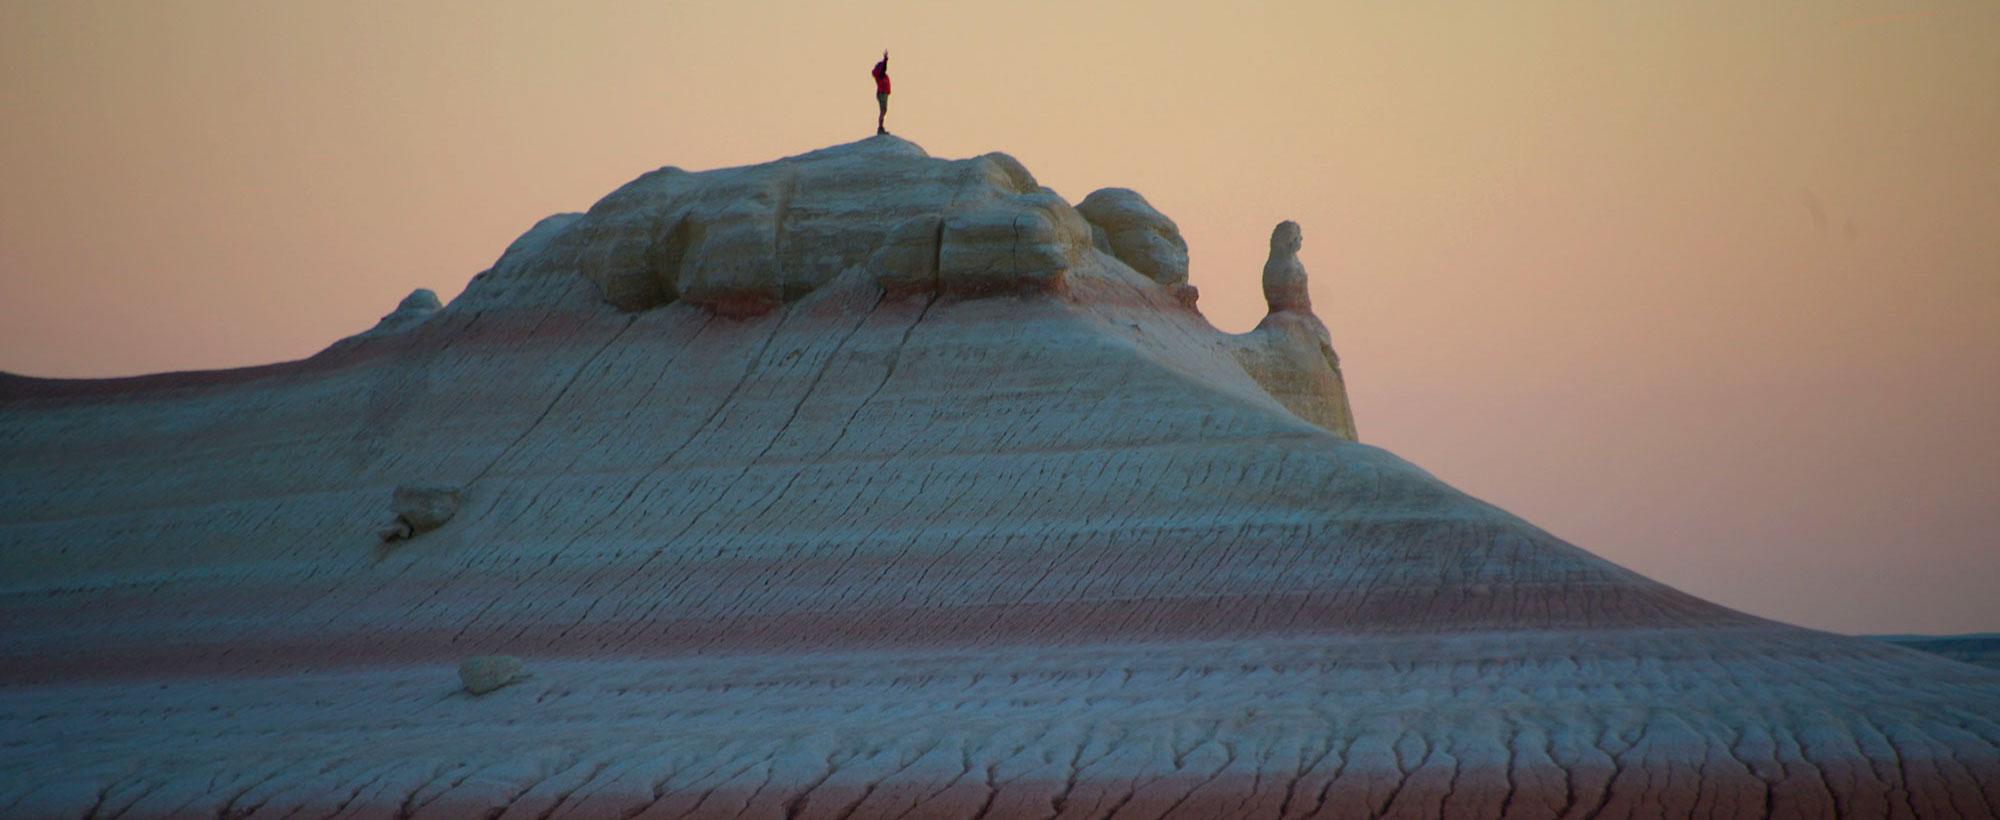 Устюртское плато. Казахстан